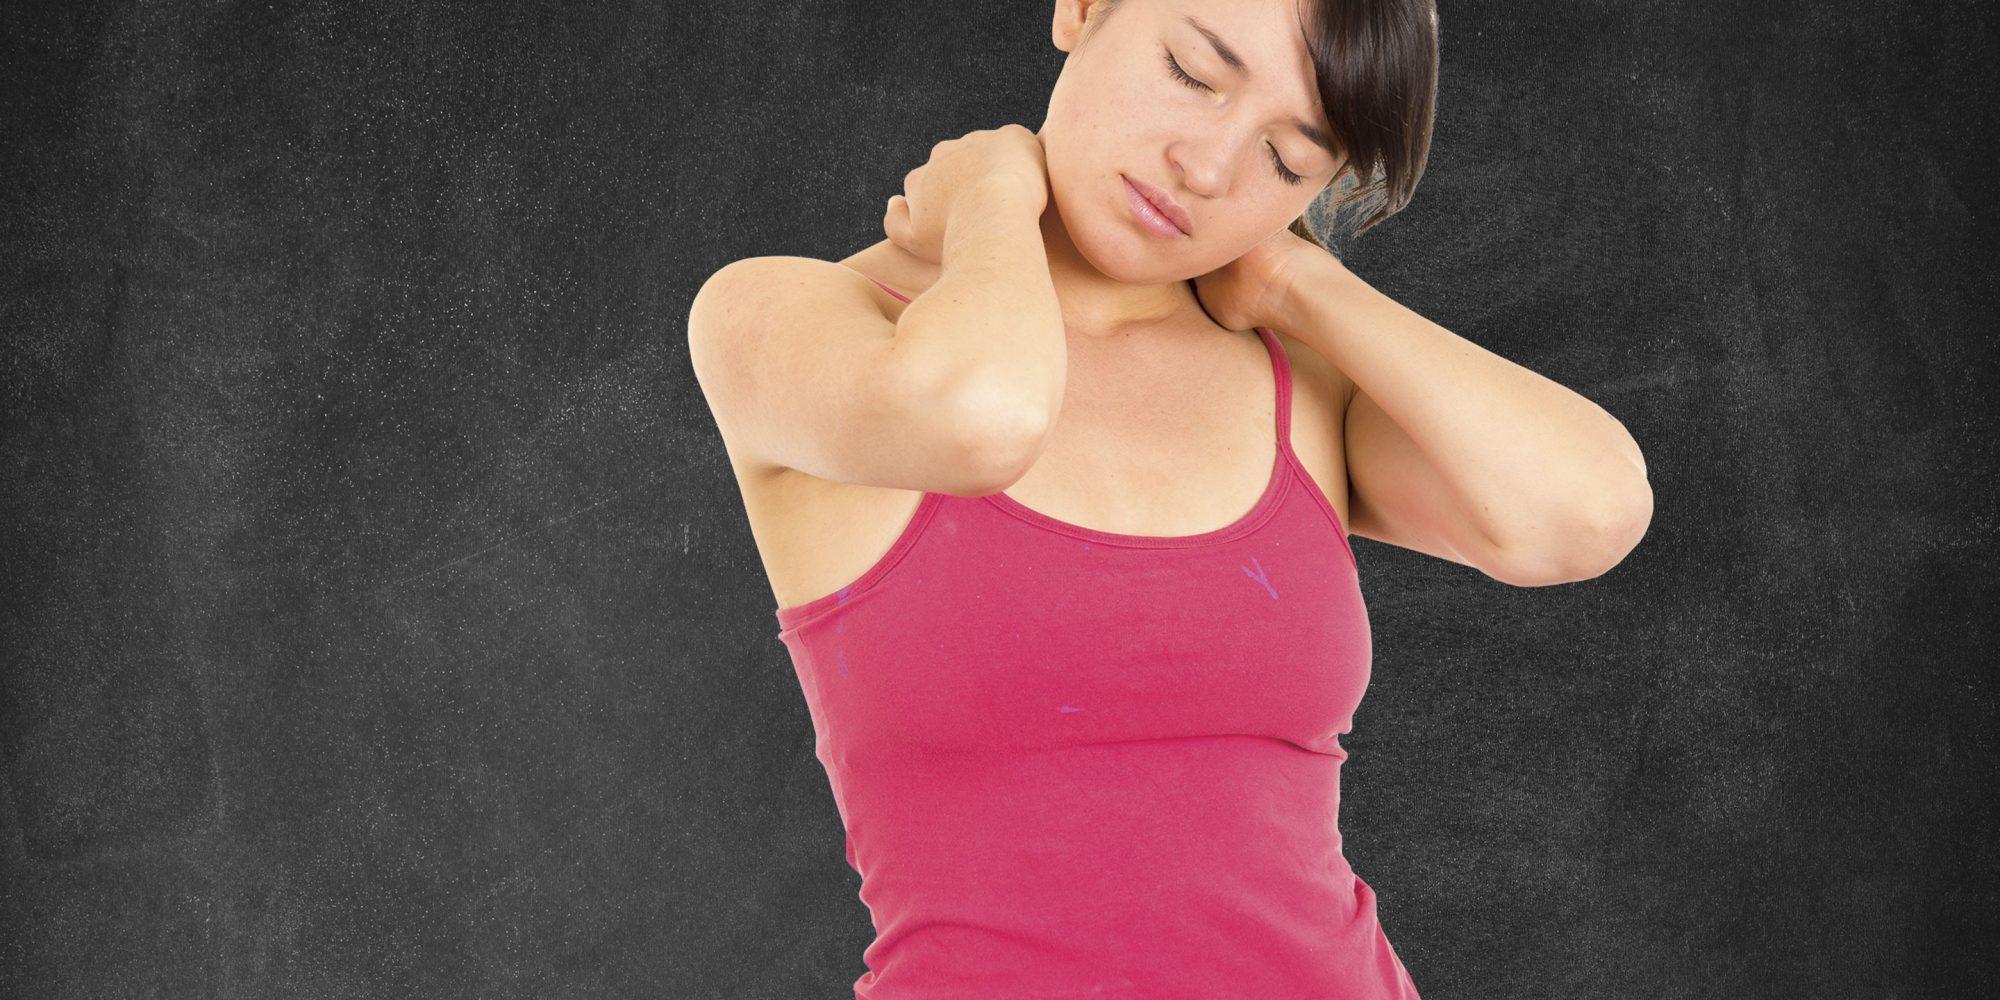 Mobilité et stabilité : le mouvement avant les muscles!